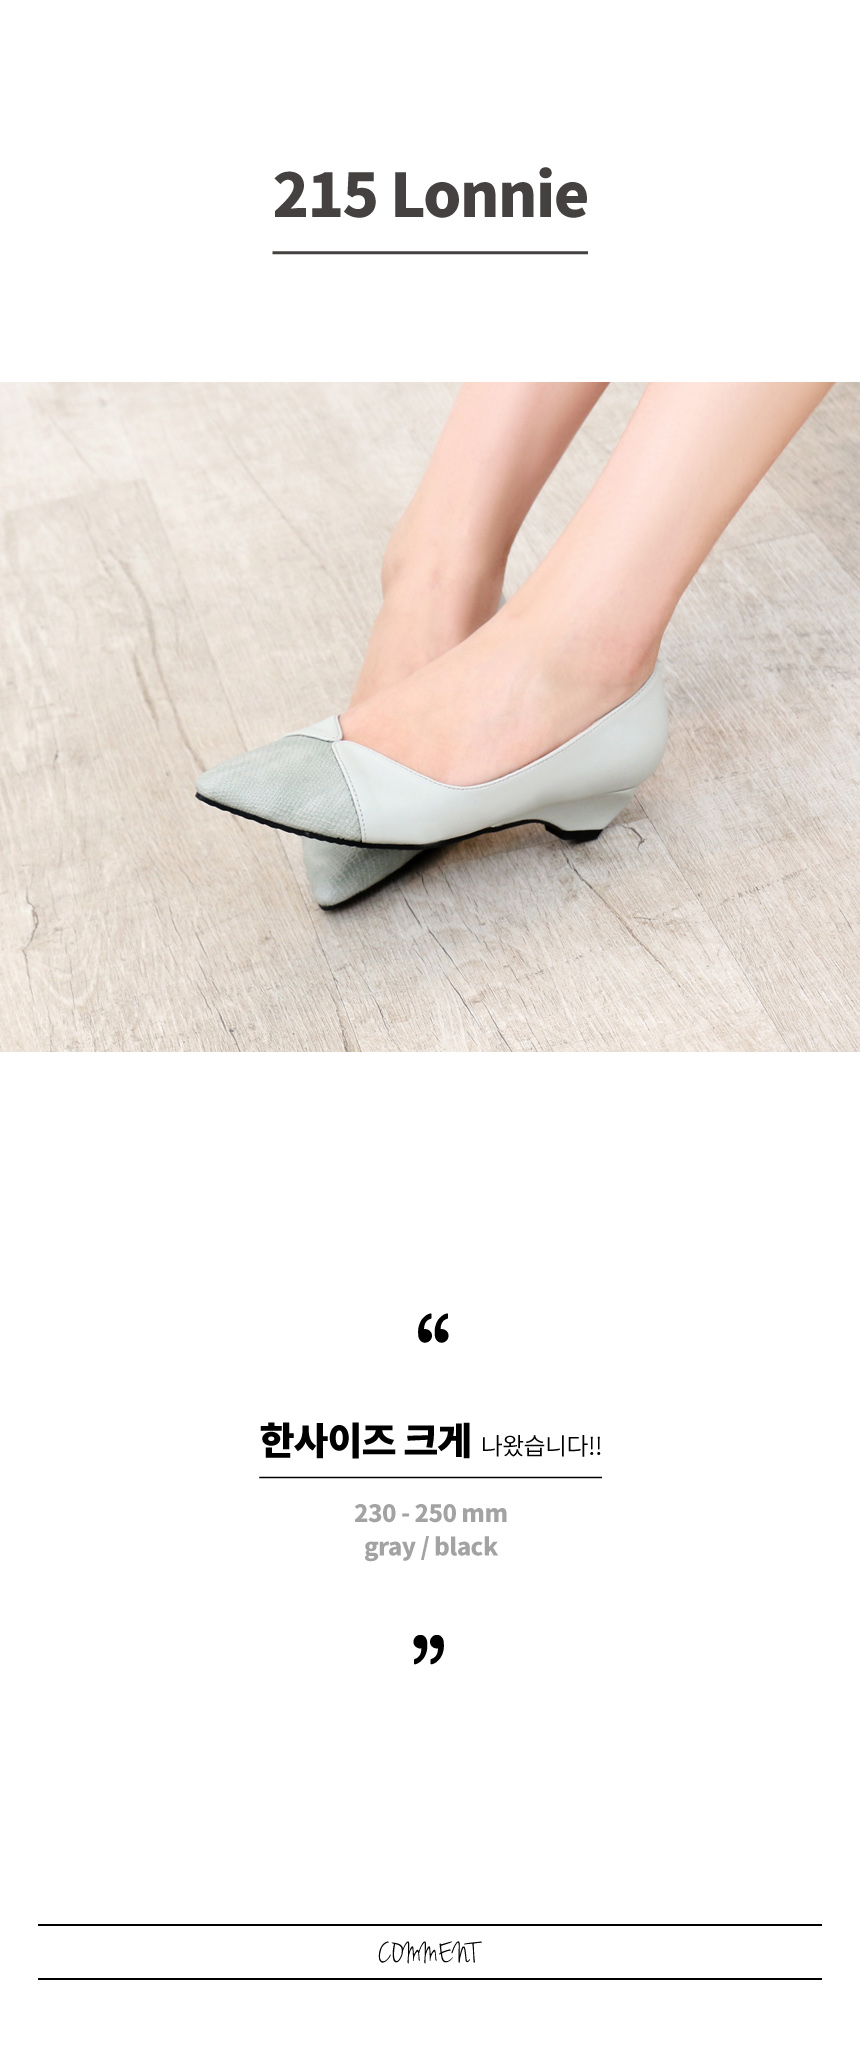 [SJ-215] 로니 상세사진